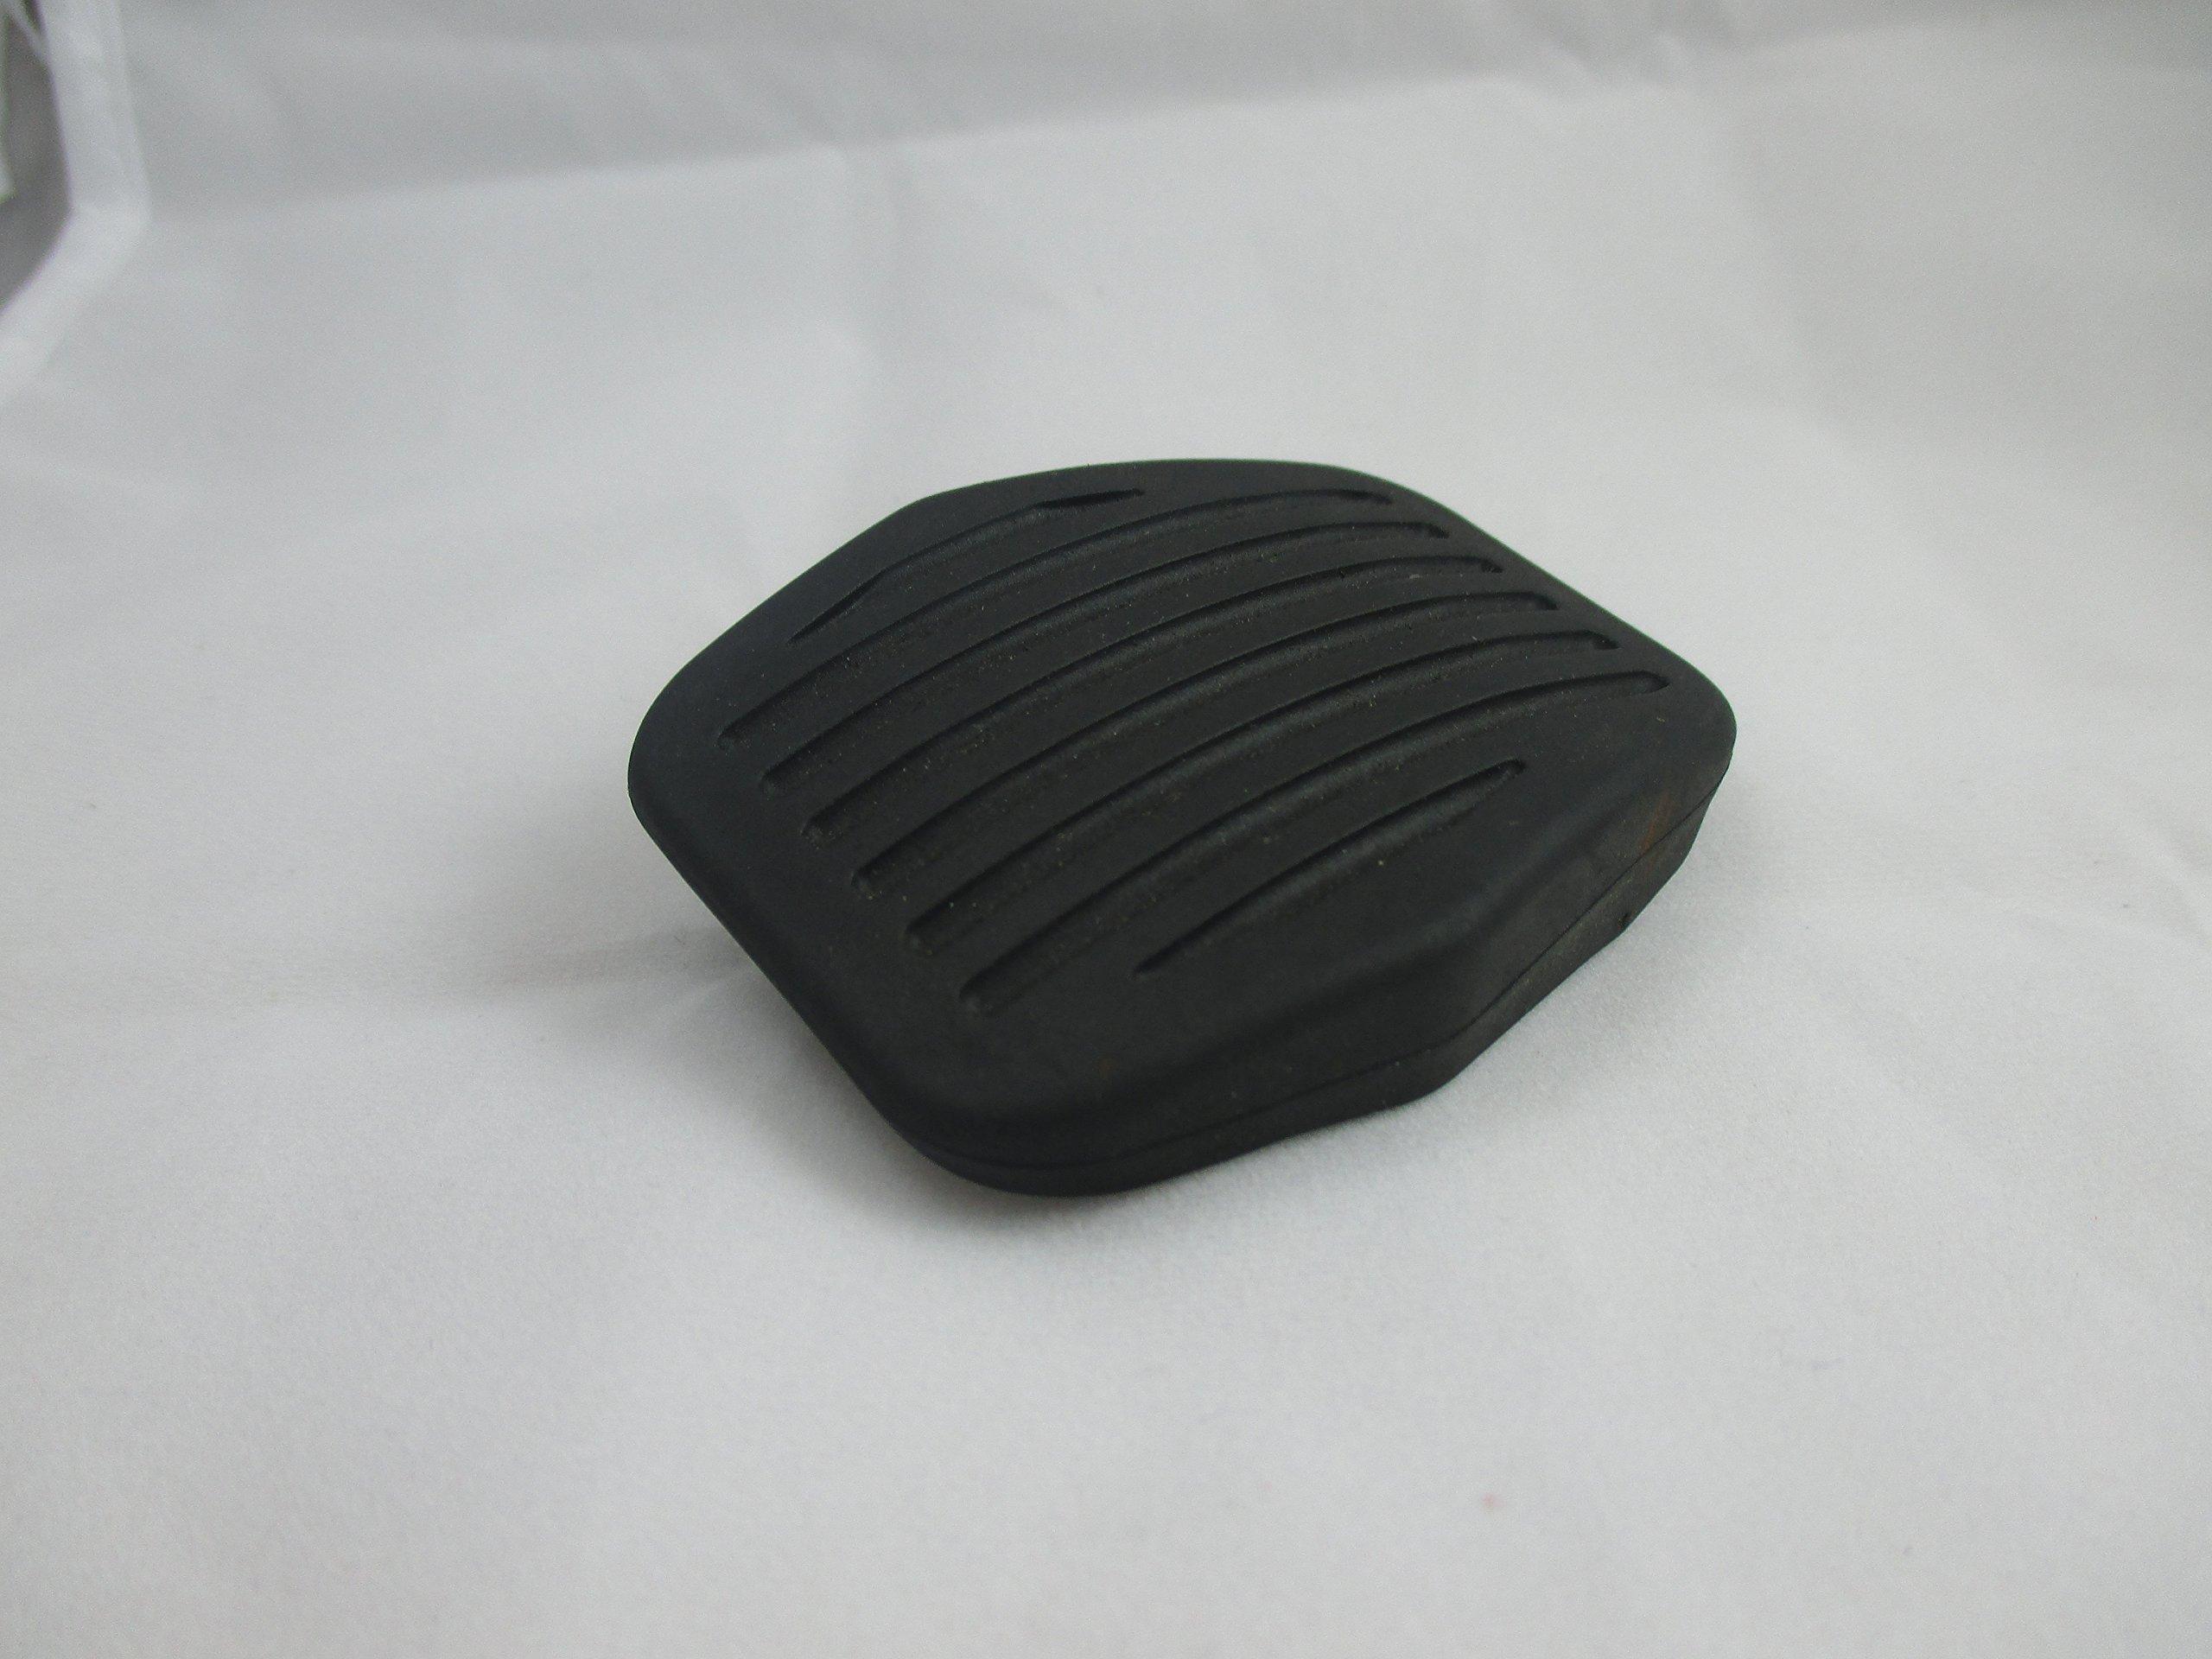 Mazda 3 2004-2005 New OEM black ruber clutch or brake pedal pad BP4K-43-028